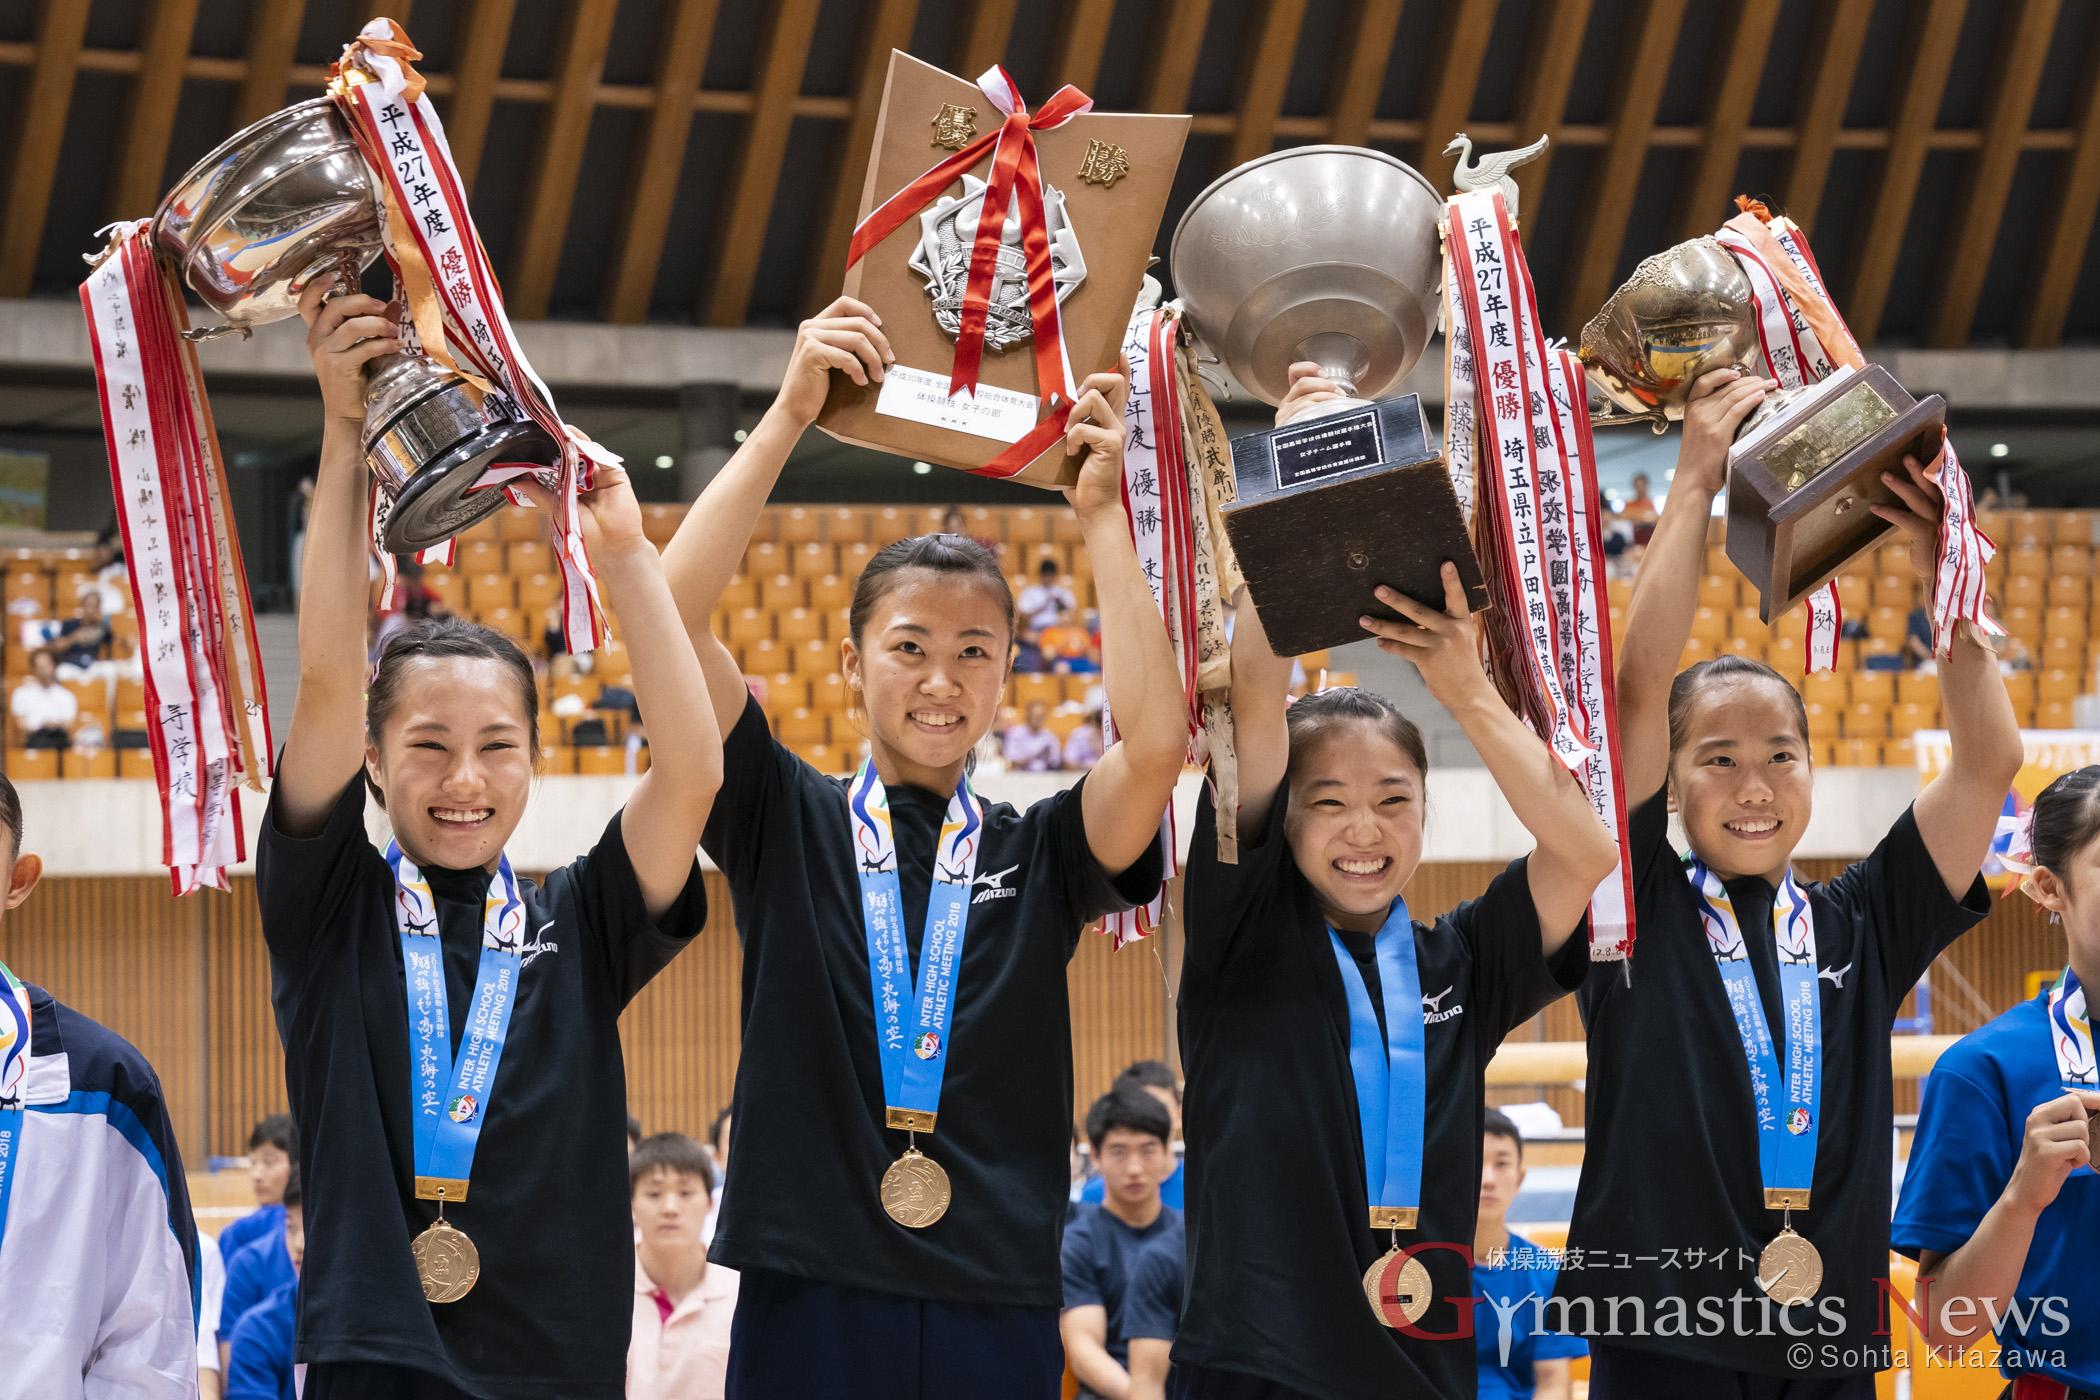 平成30年度全国高等学校総合体育大会 体操競技 女子団体優勝